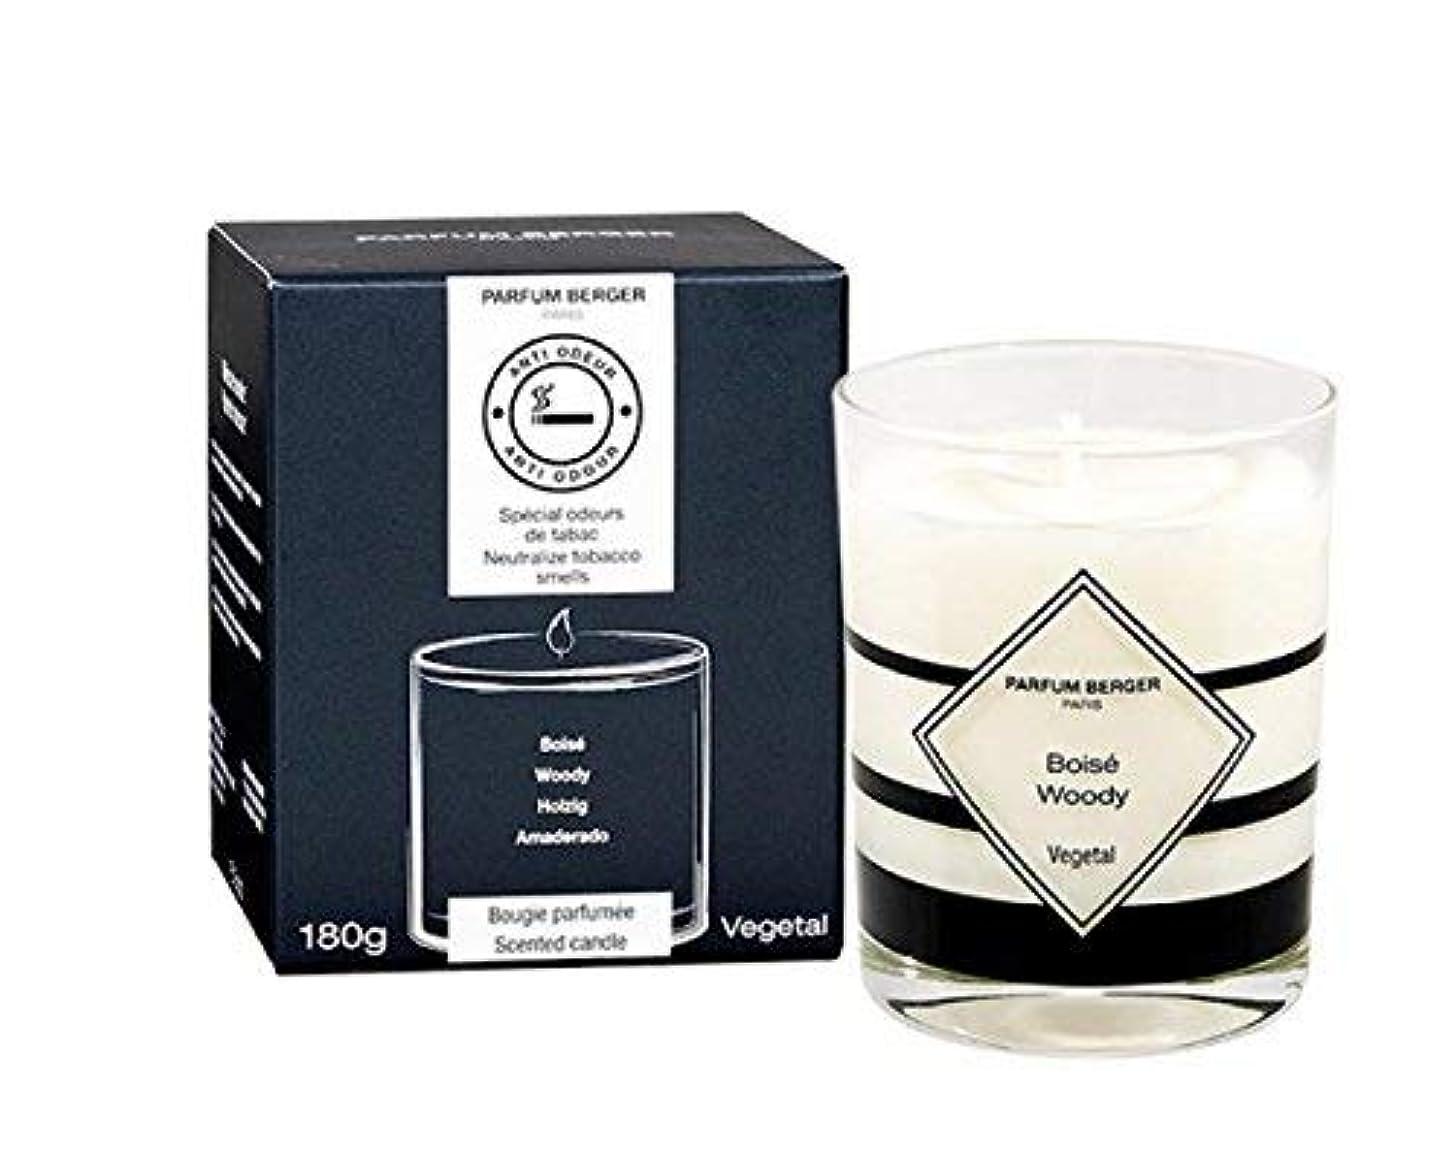 哲学博士原稿生き返らせるParfum Berger/Lampe Berger Anti-Tobacco smell candle (10 x 10 x 10 cm, white glass